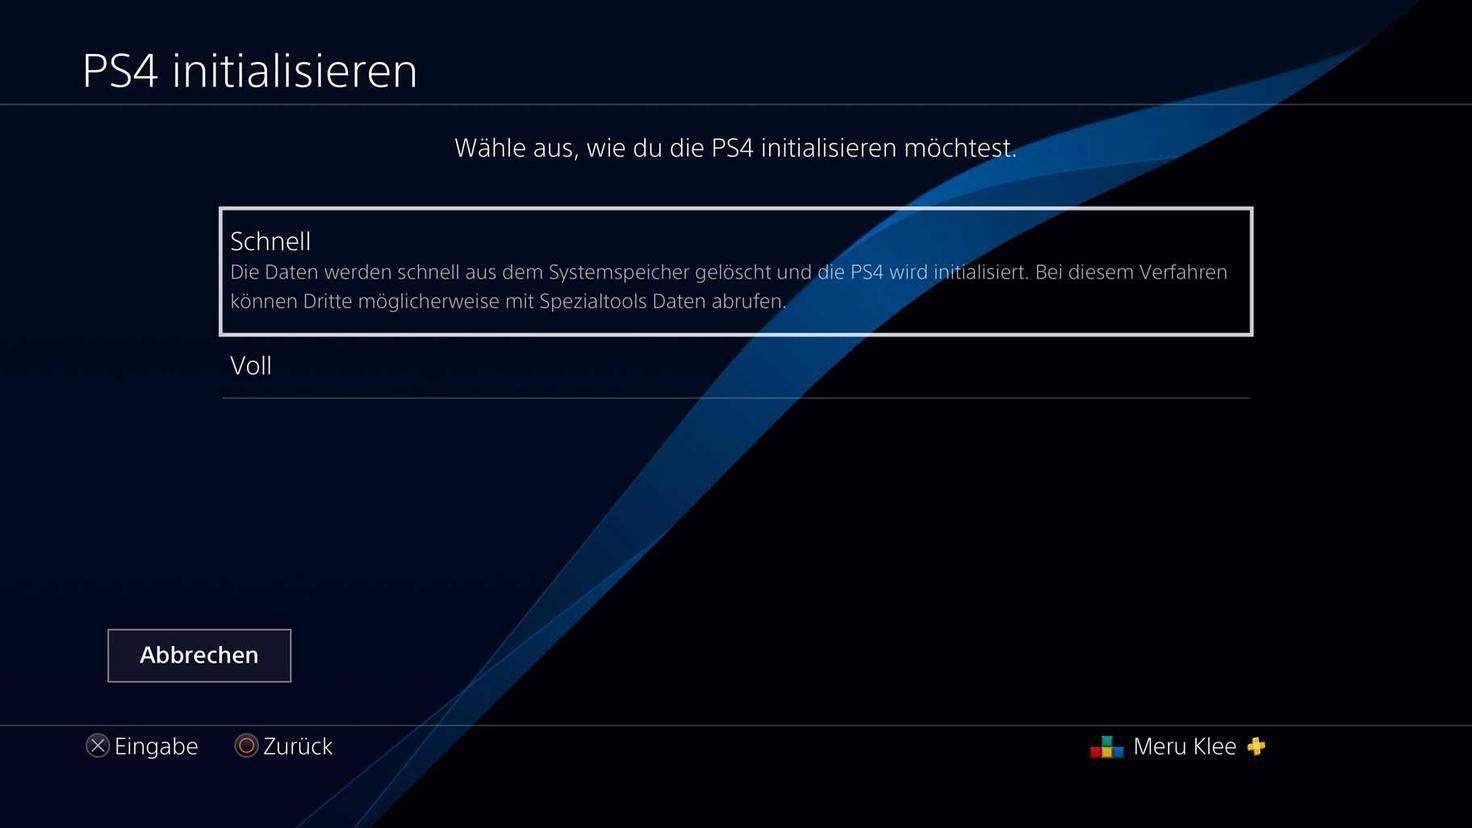 ps4-initialisieren-screenshot